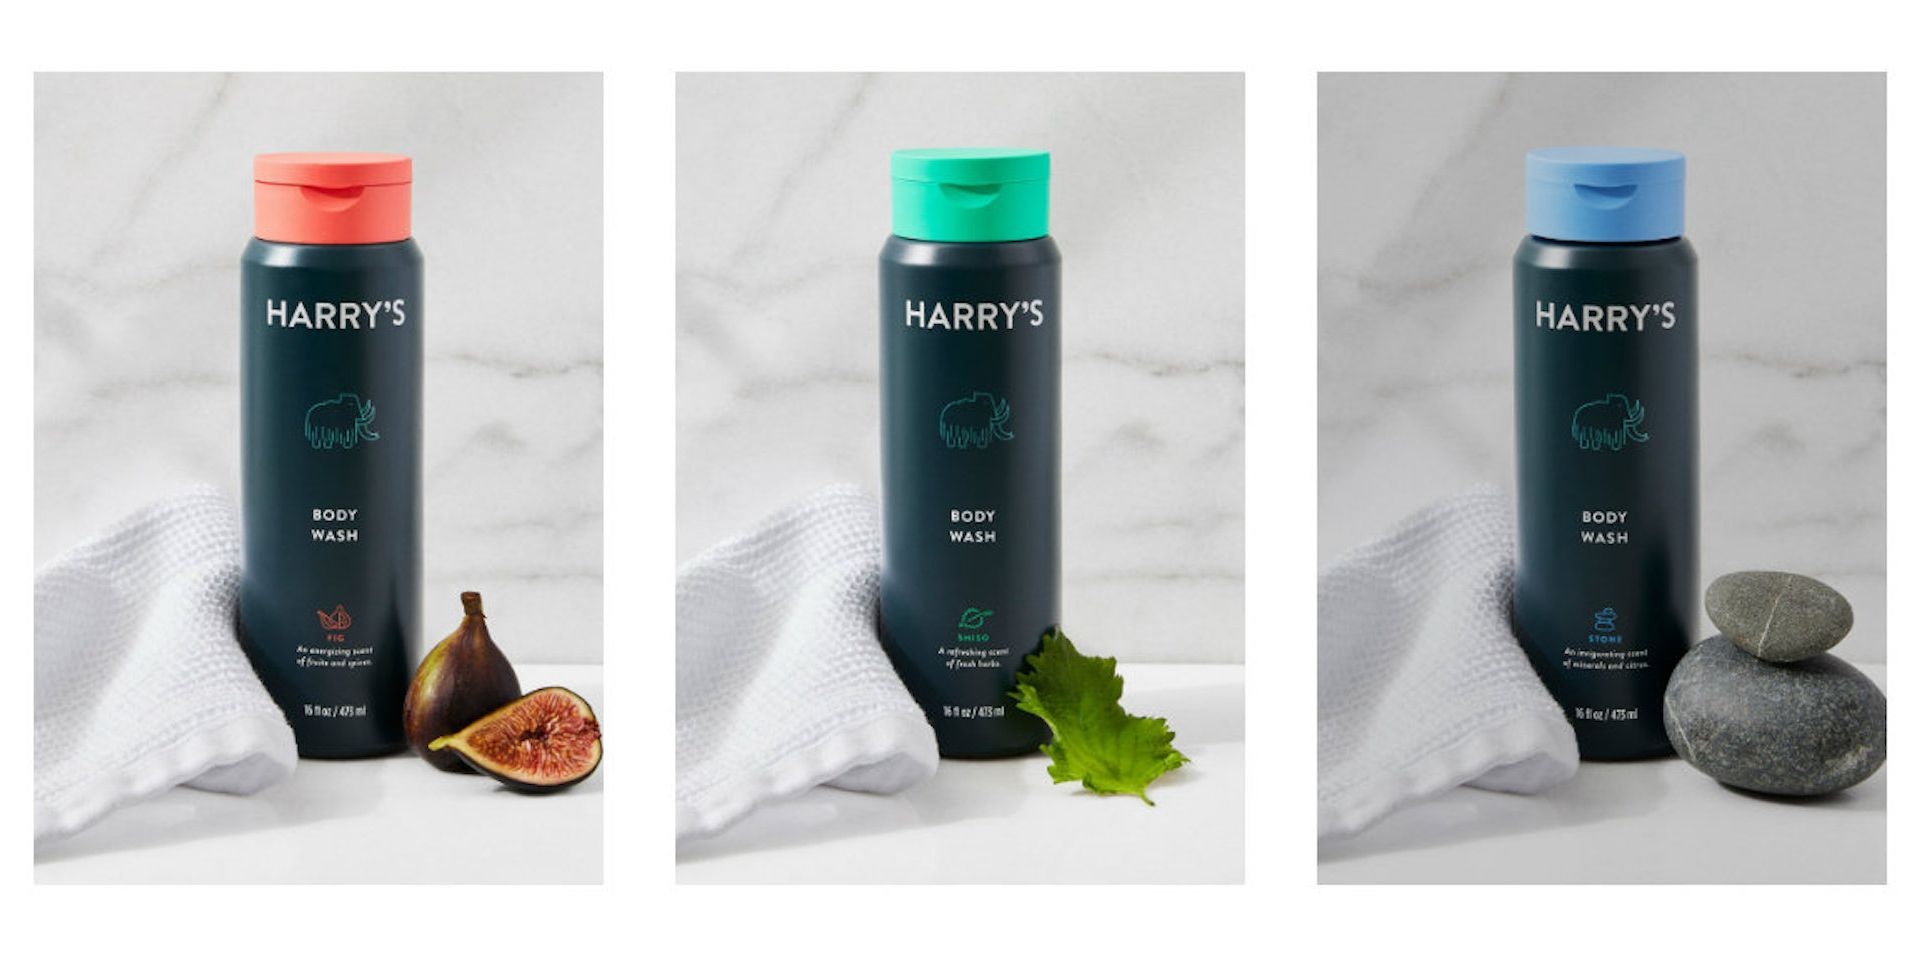 harrys body wash